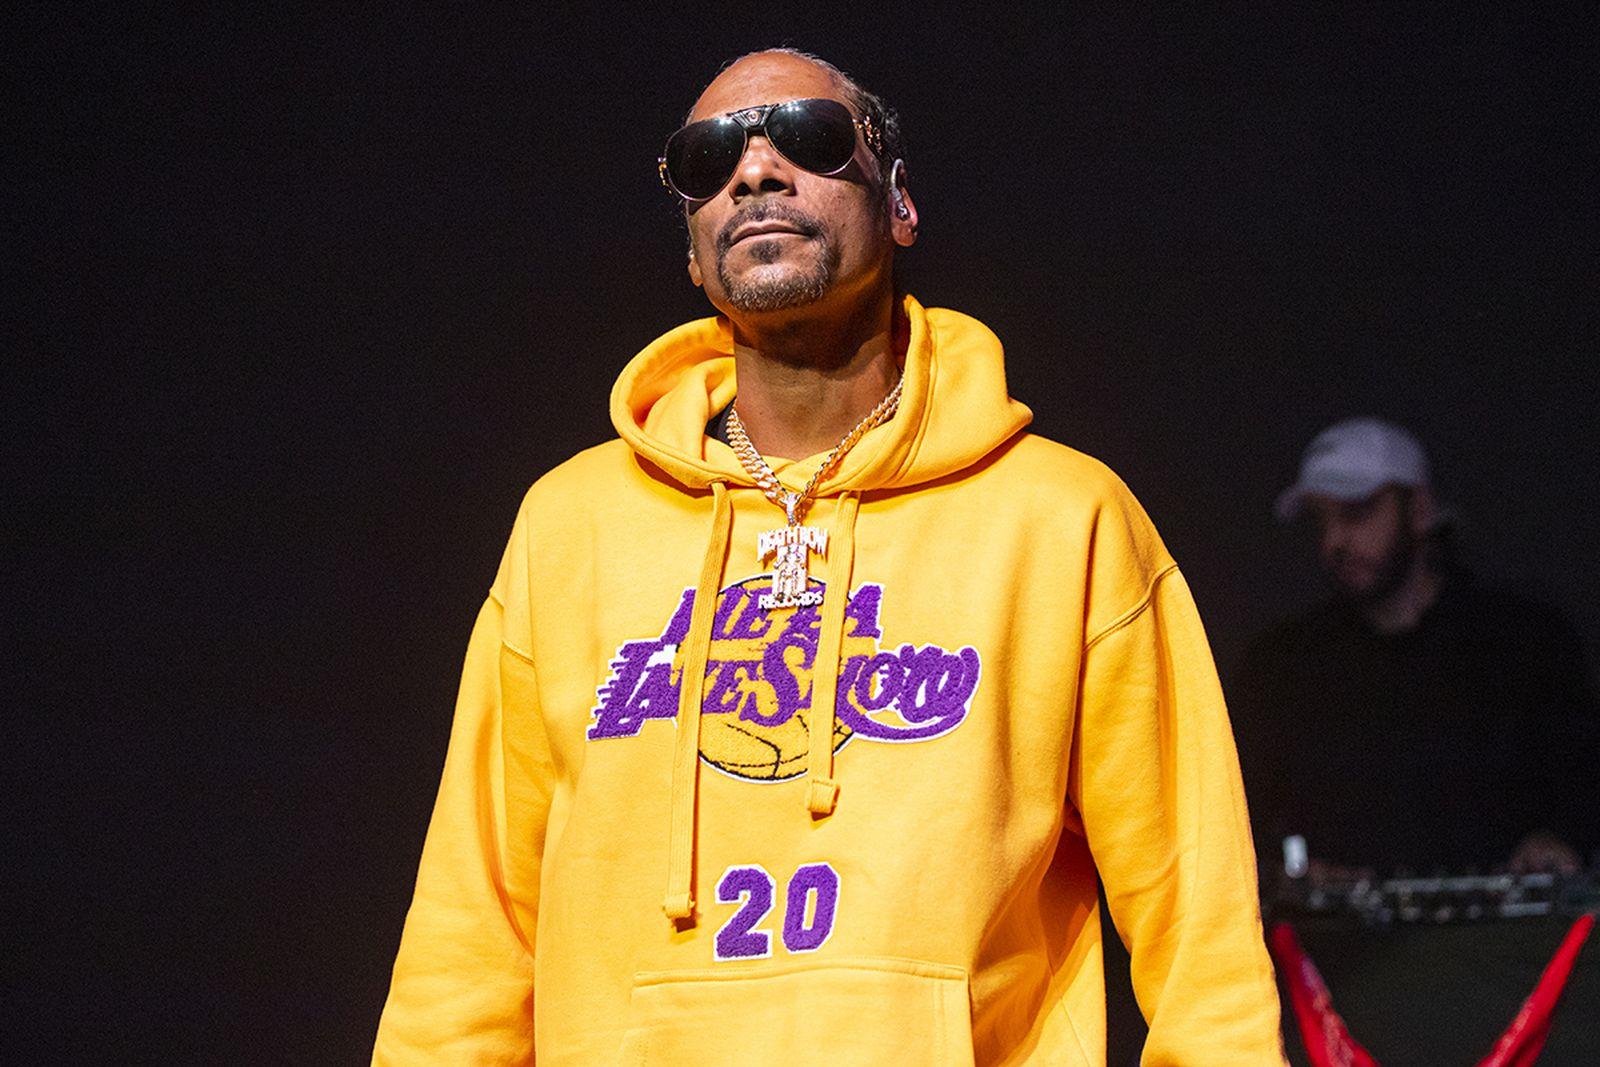 Snoop Dogg sunglasses Lakers hoodie